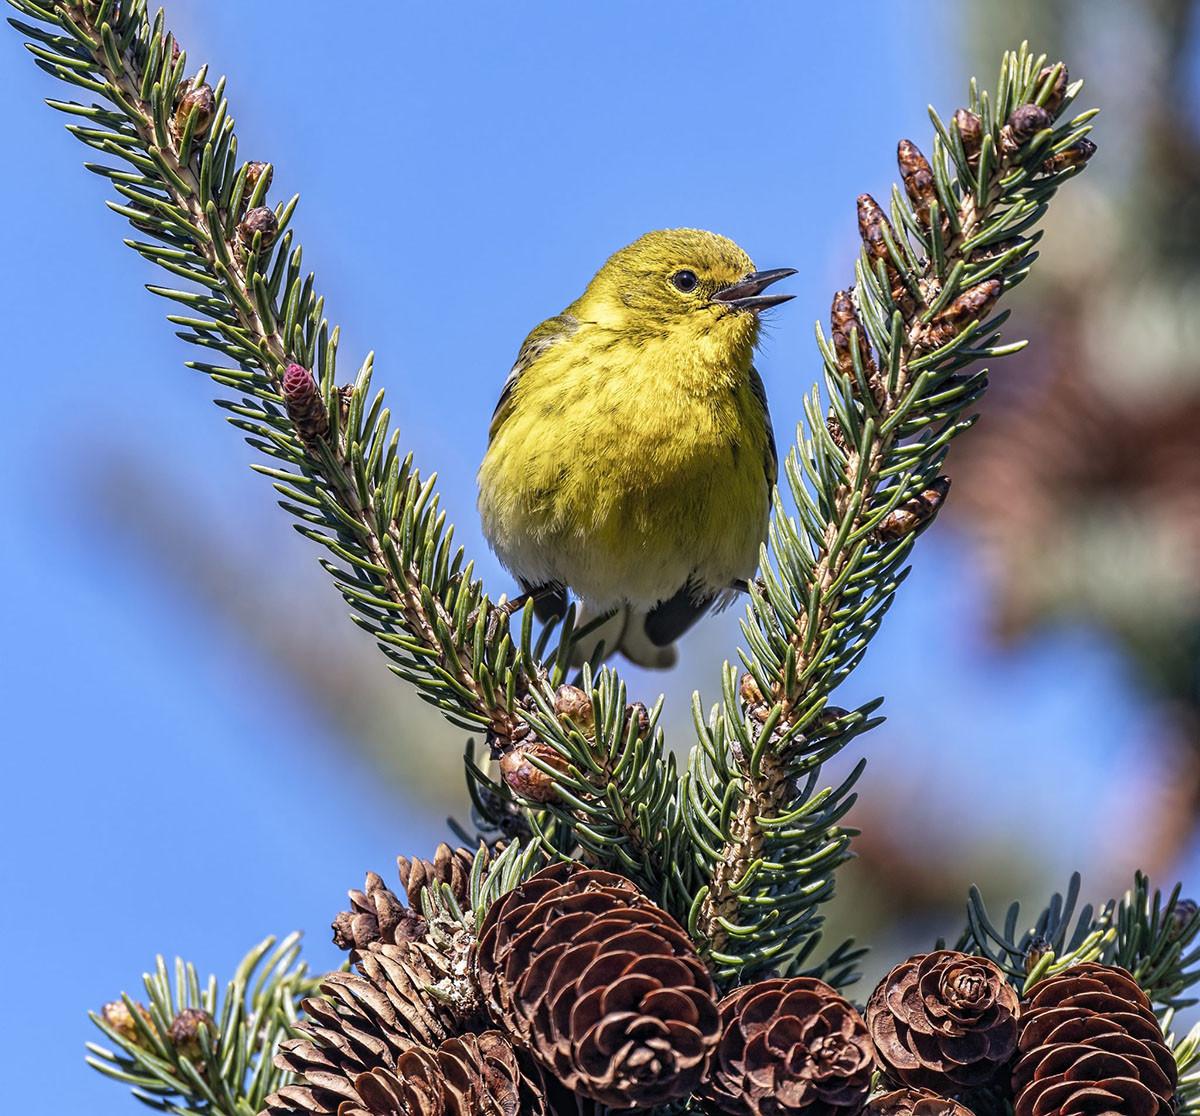 Pine Warbler by Robert Fritsch